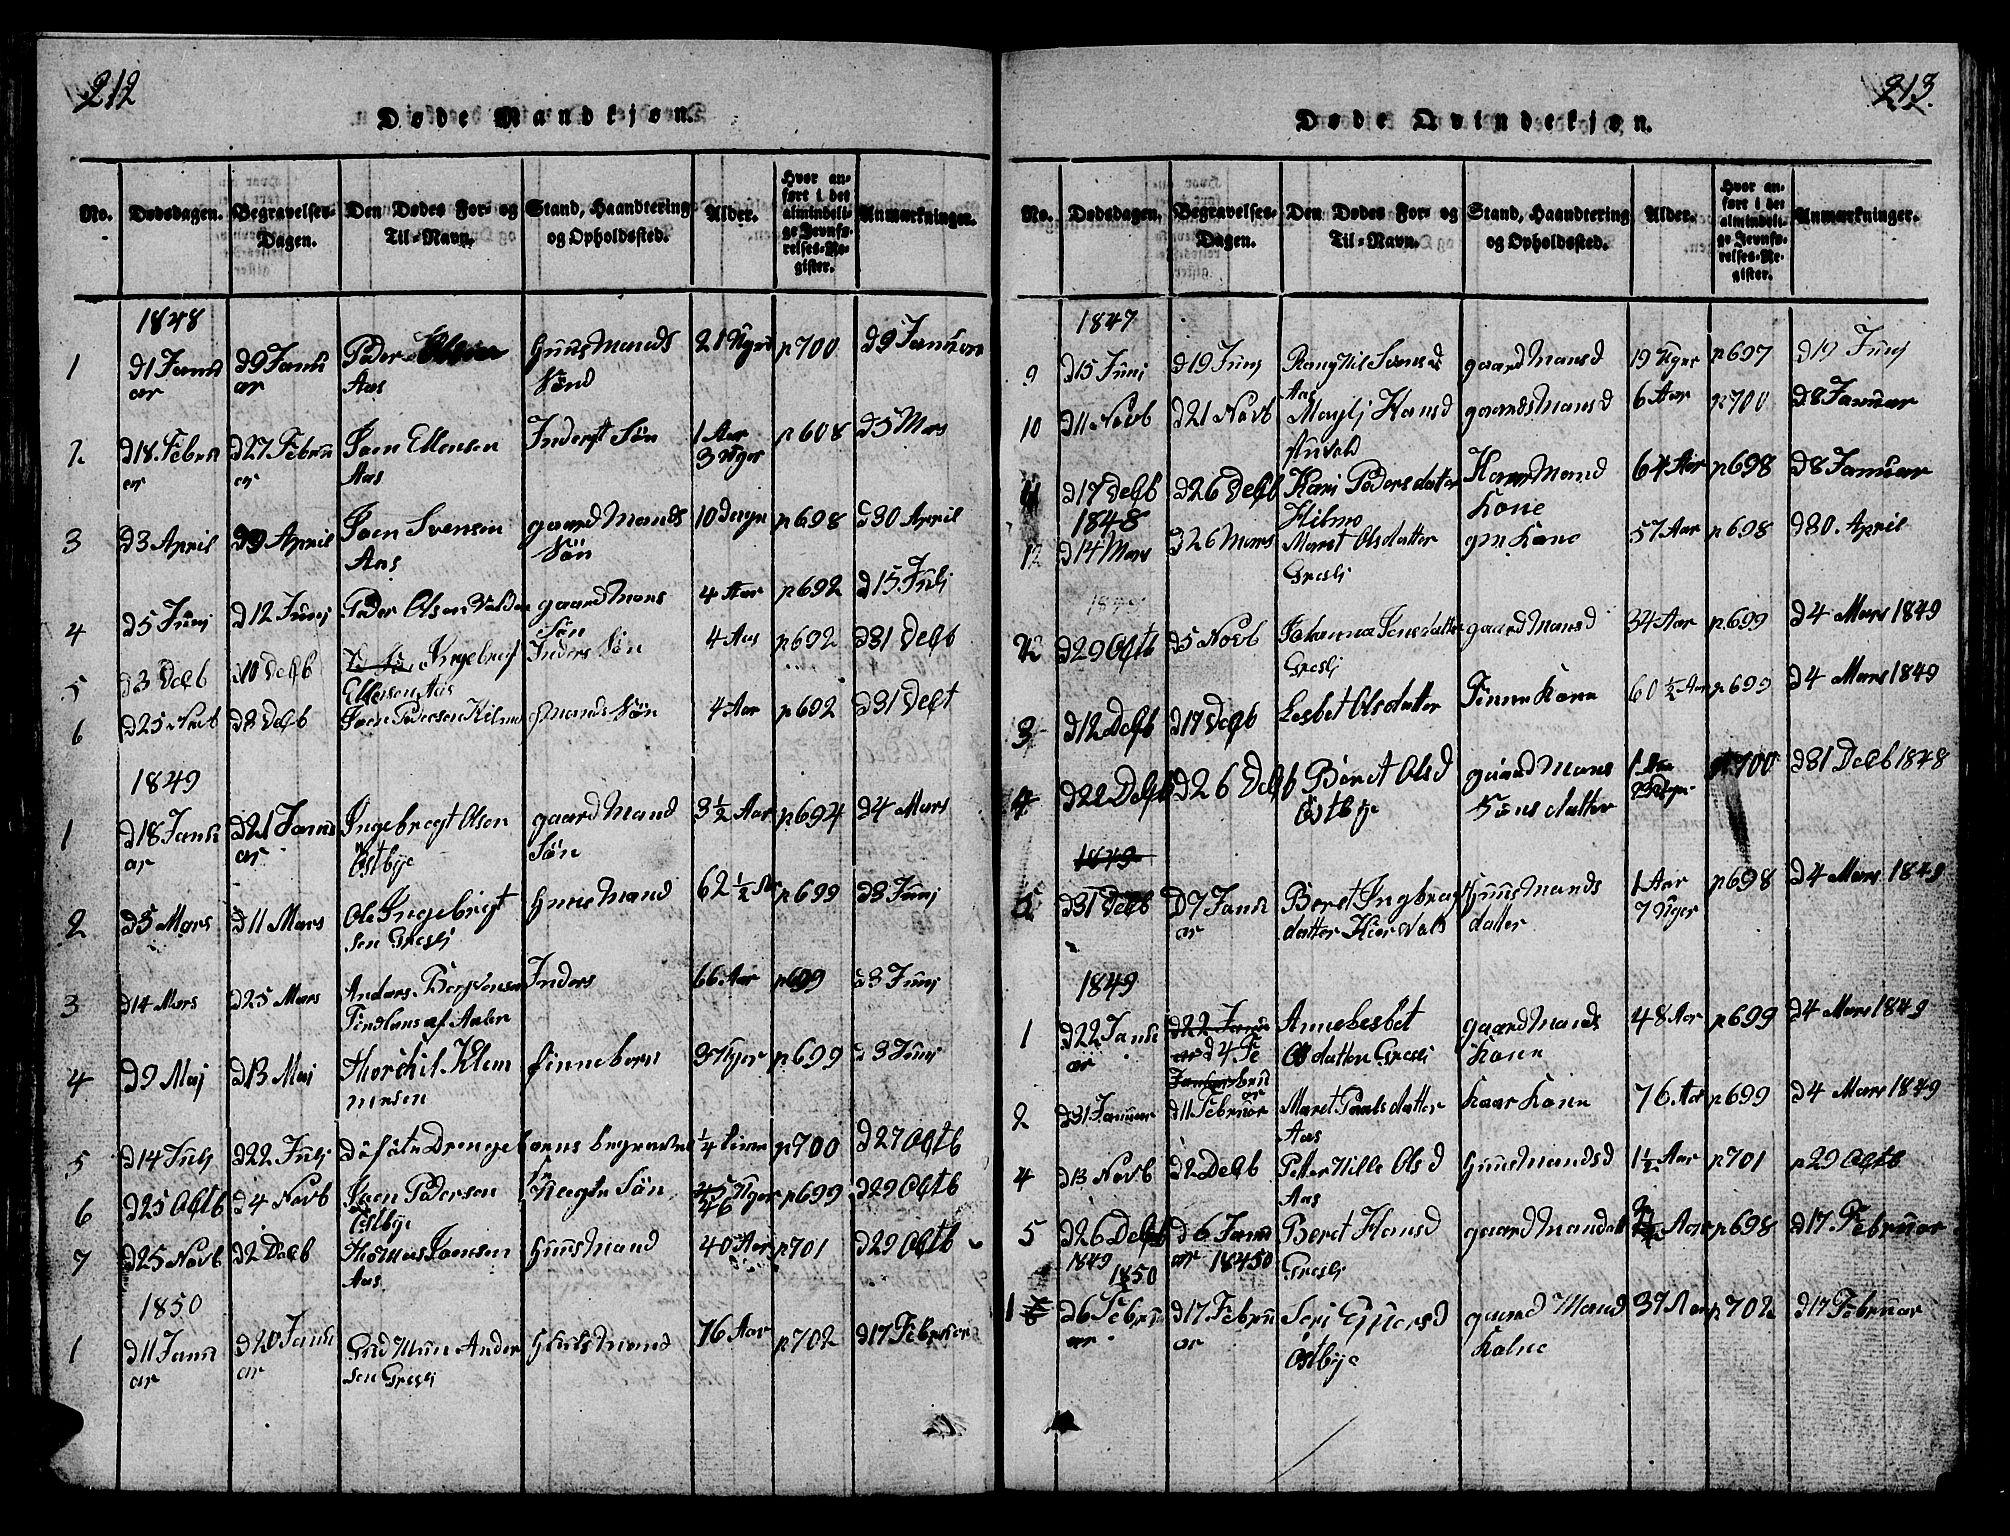 SAT, Ministerialprotokoller, klokkerbøker og fødselsregistre - Sør-Trøndelag, 698/L1164: Klokkerbok nr. 698C01, 1816-1861, s. 212-213